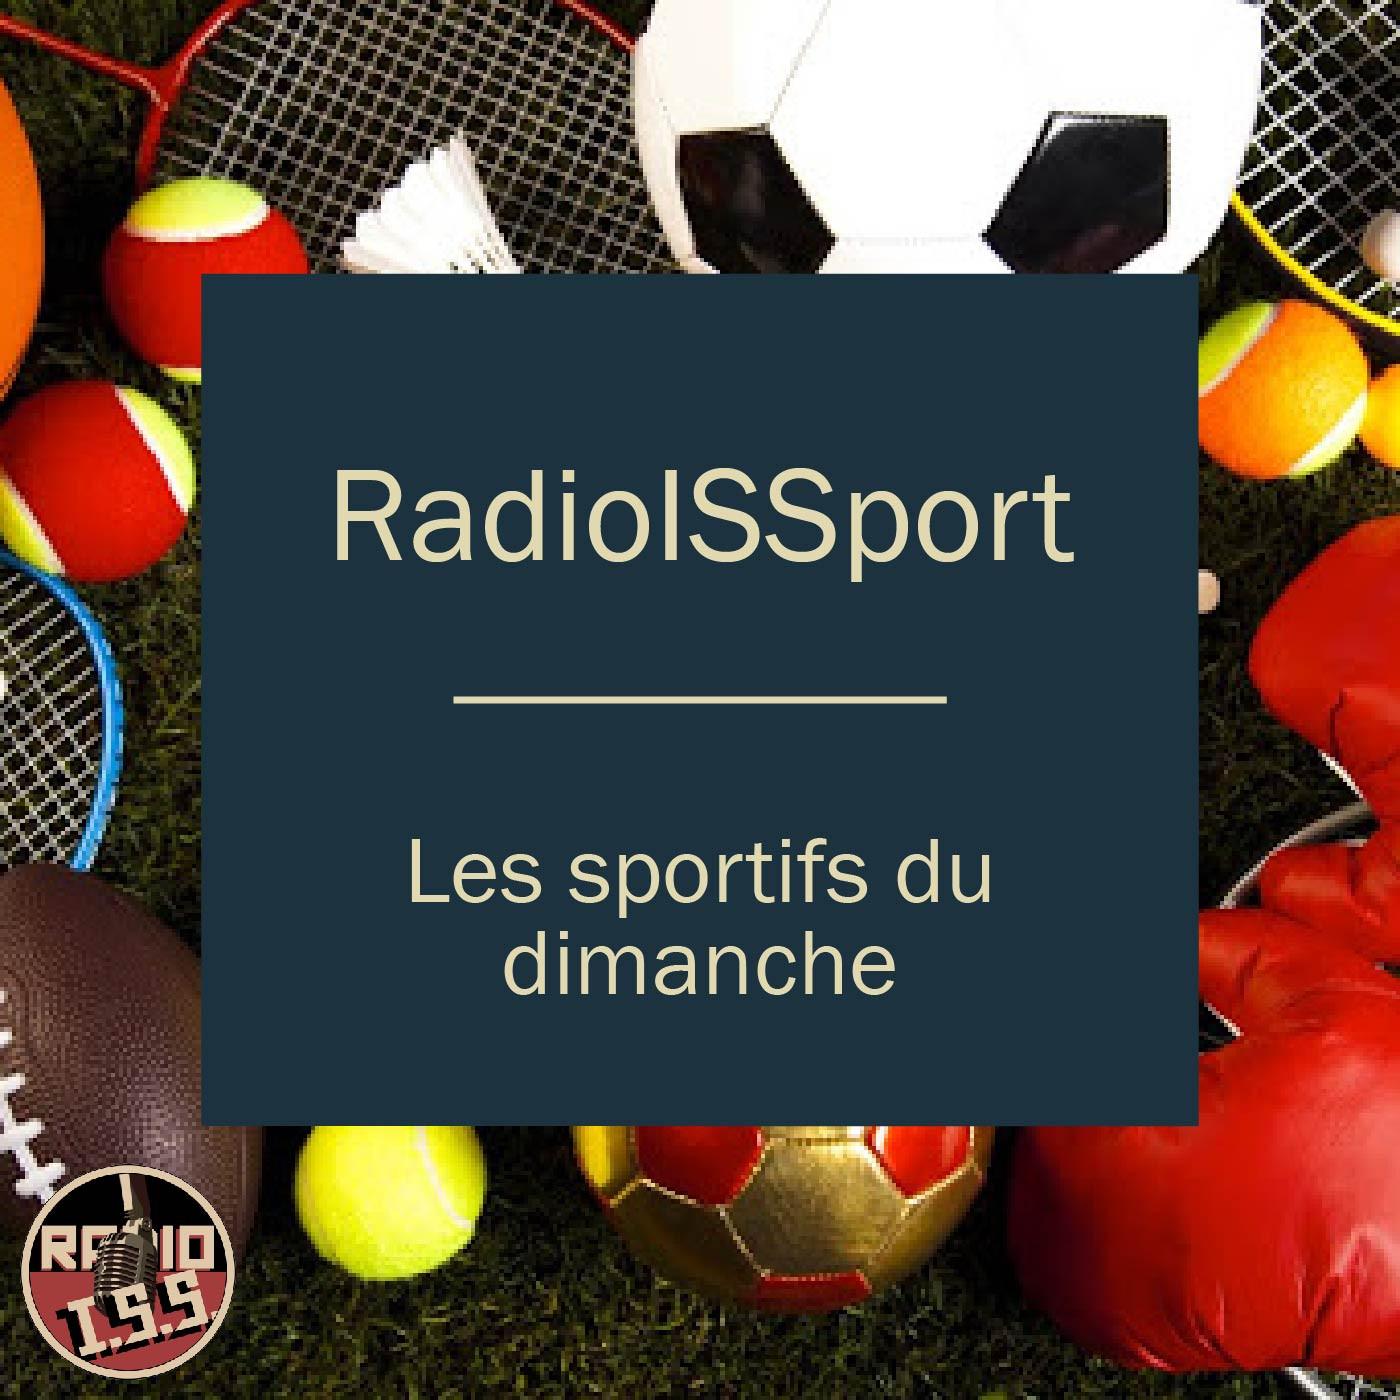 RadioISSport #3 : Les sportifs du dimanche